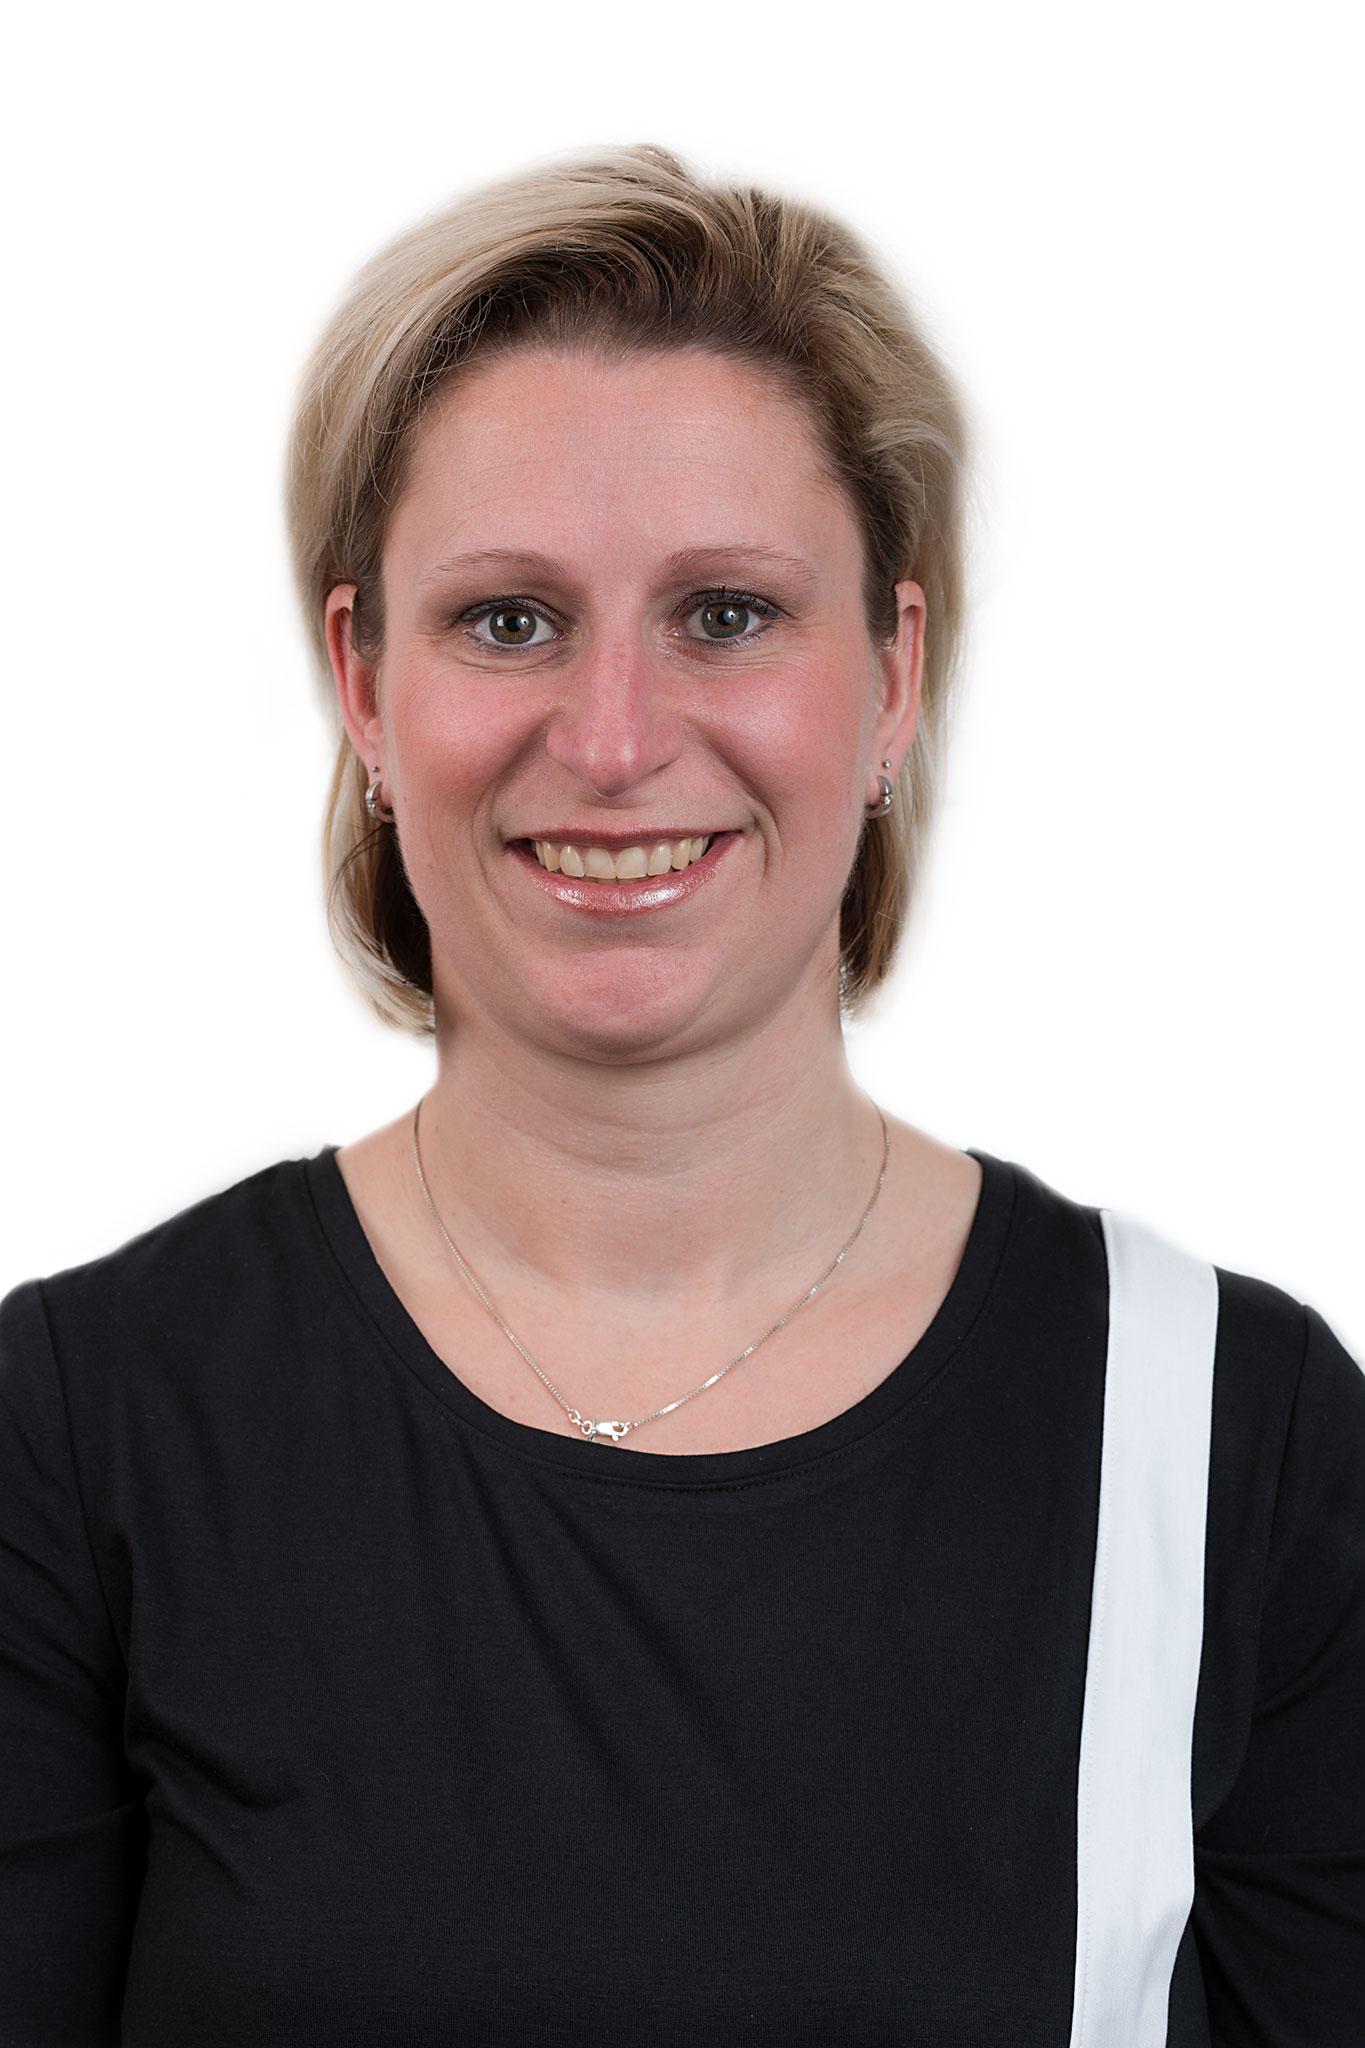 Suzan - Kapper bij Haarverzorging Den Dolder Den Dolder